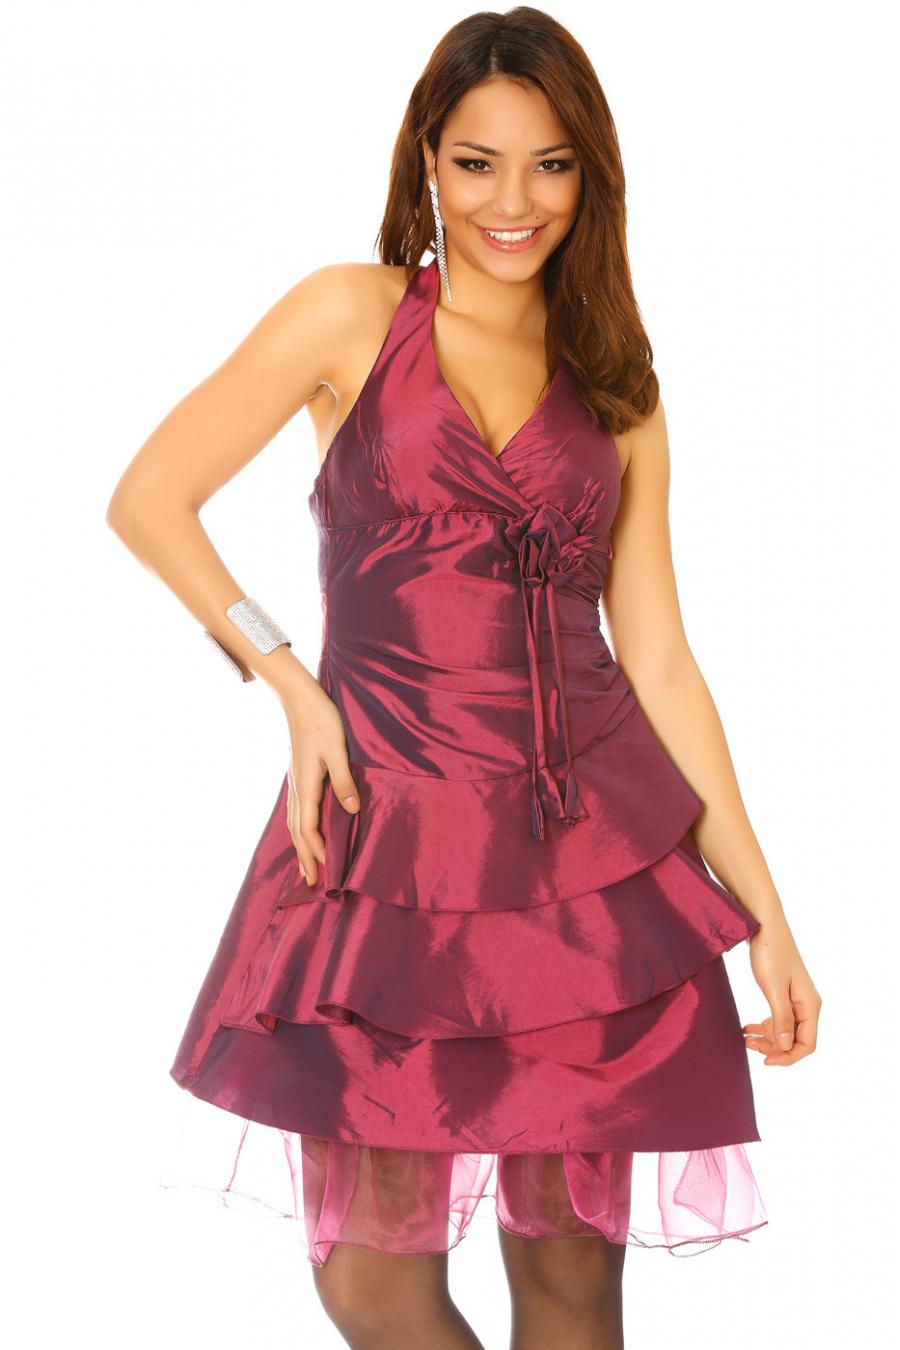 Robe de cocktail, l'élégance en satin couleur prune 0081